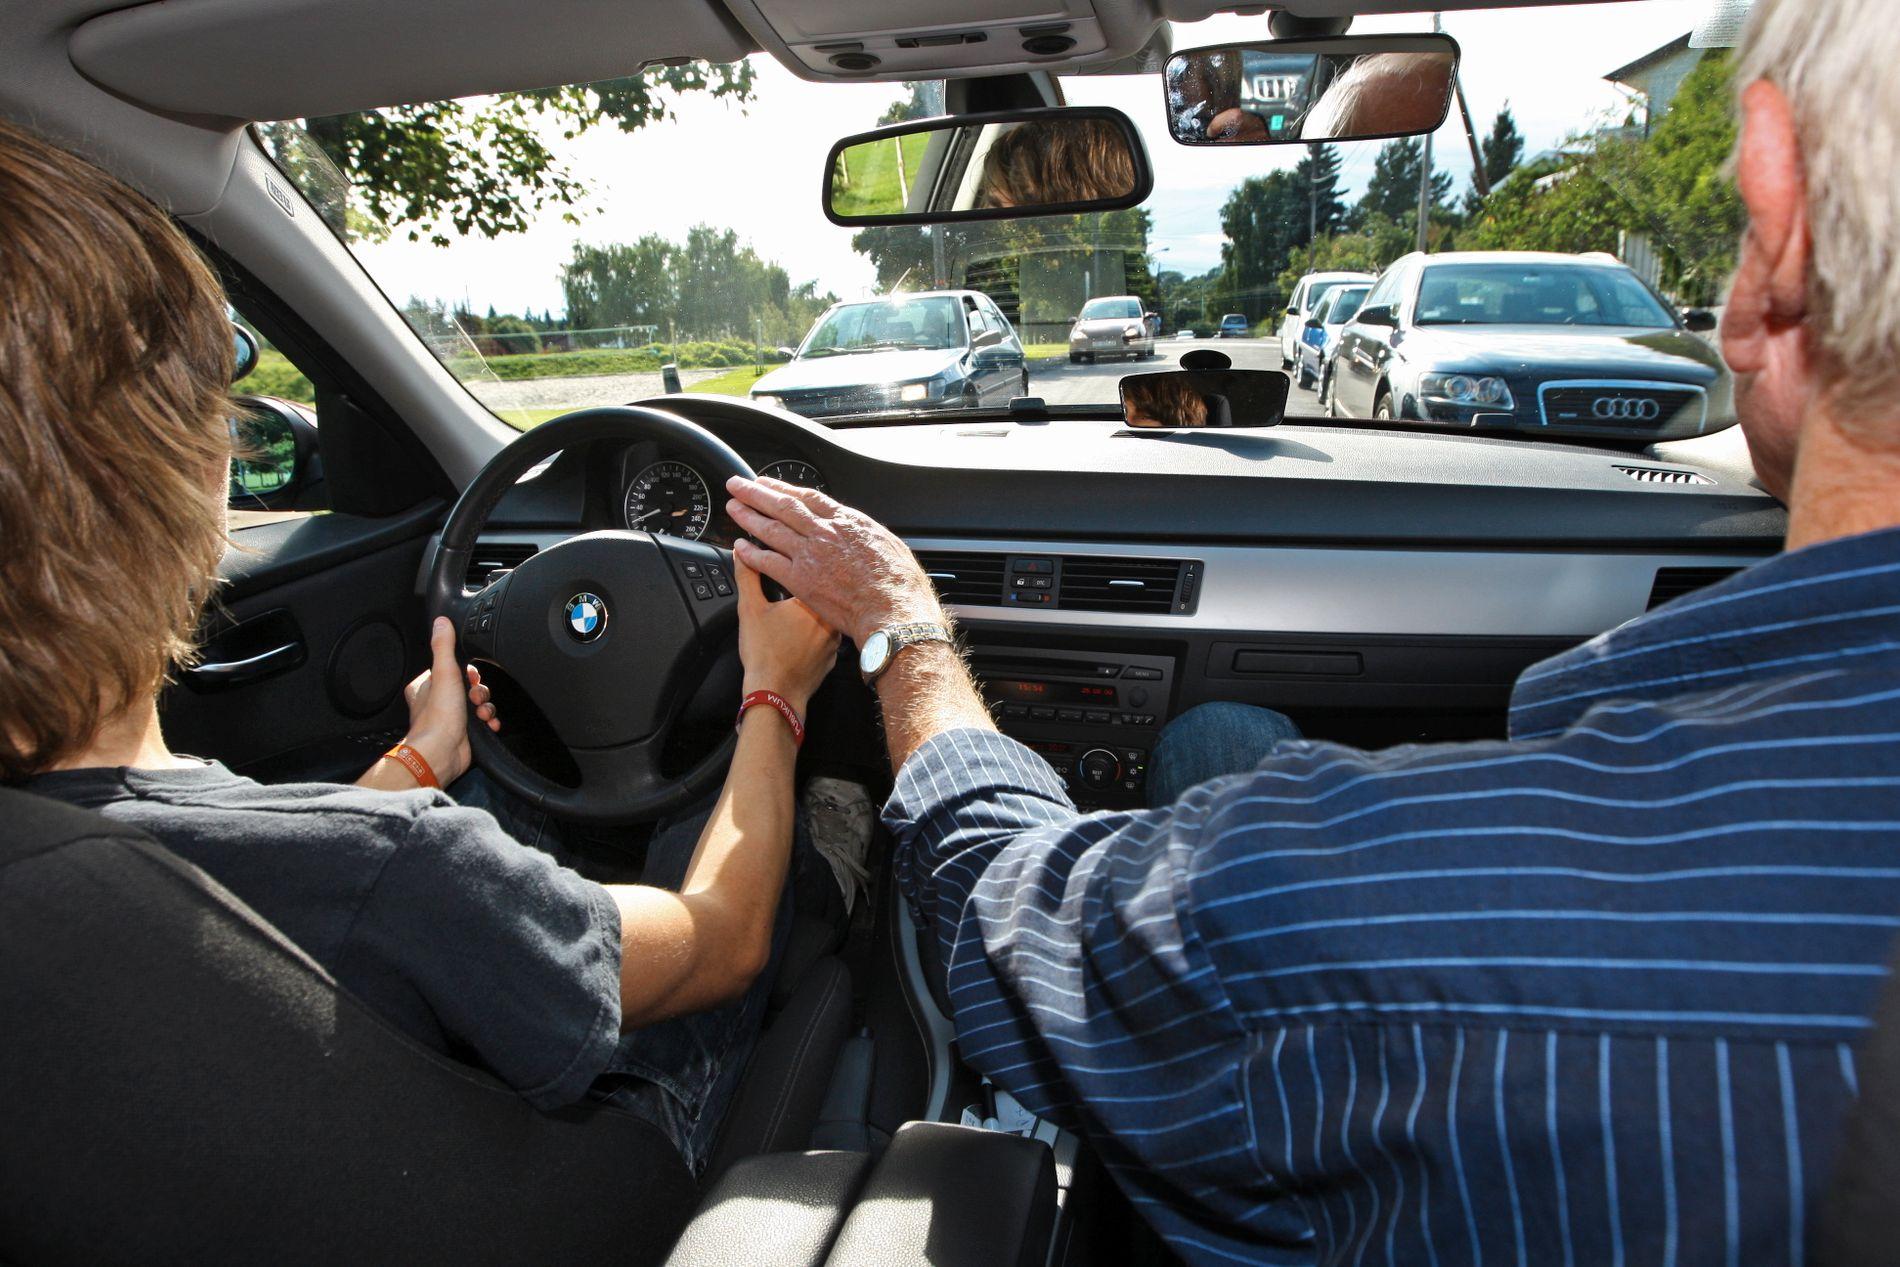 FULLT KJØR: Elever i den videregående skolen skal få fravær til obligatorisk kjøreopplæring som gyldig, er det enighet om i den nye regjeringsplattformen.